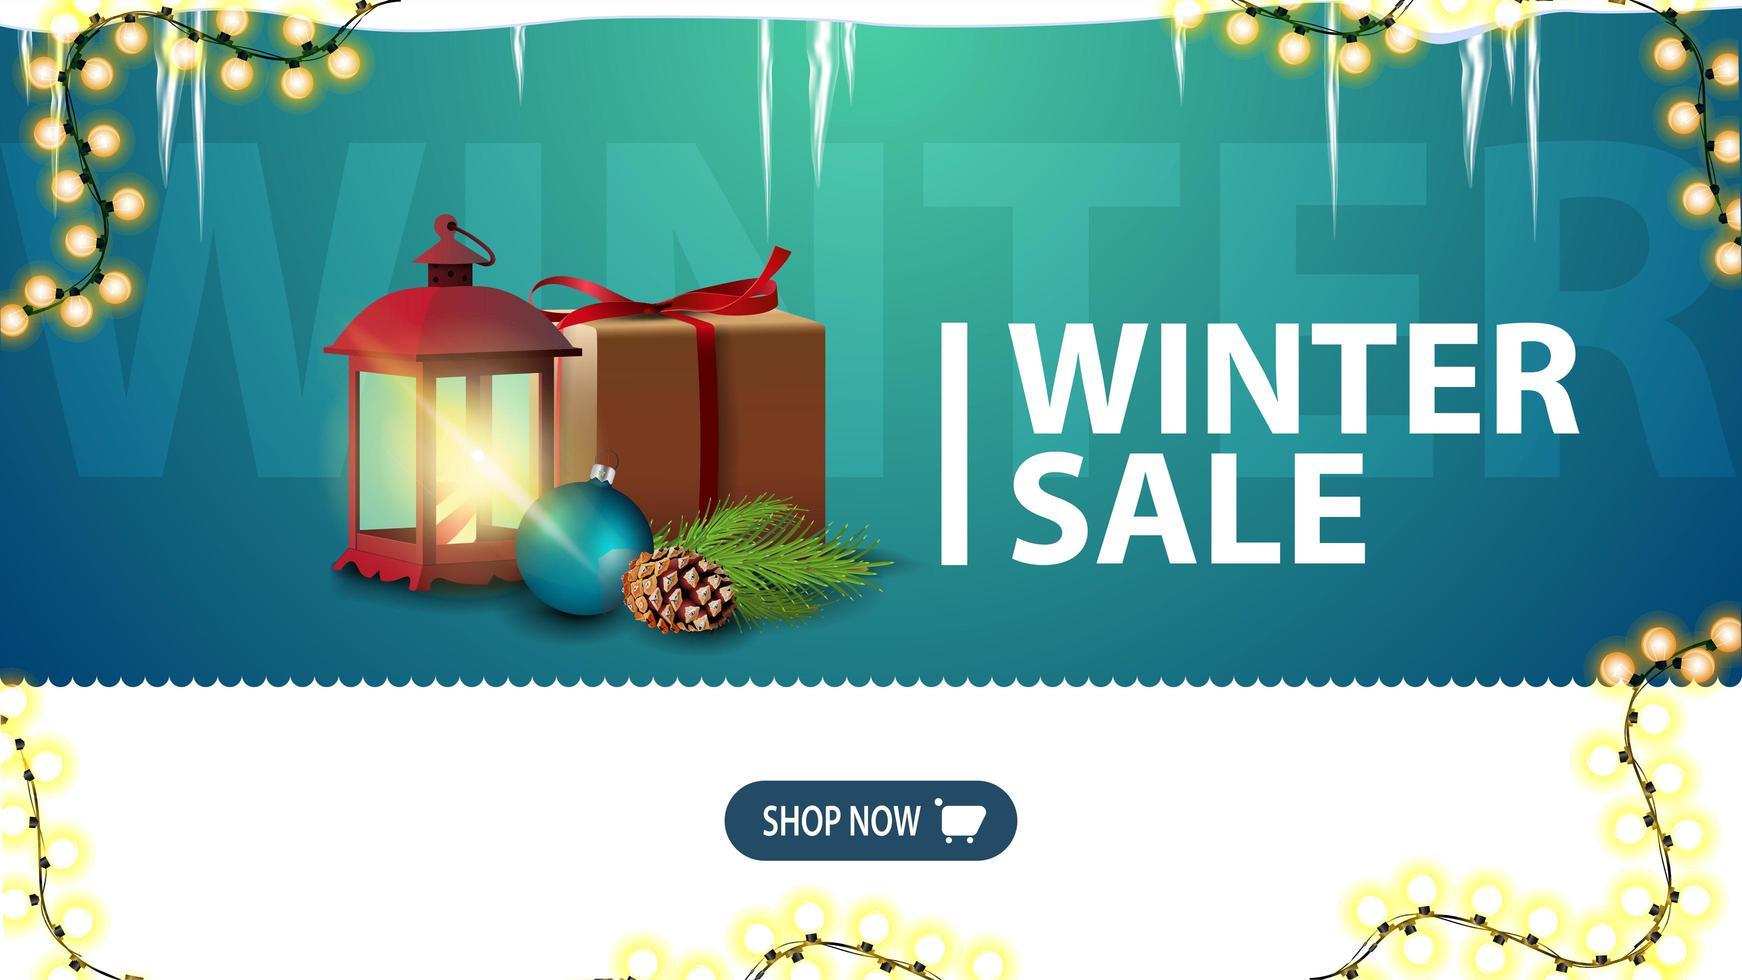 Winter sale, green discount banner for website vector